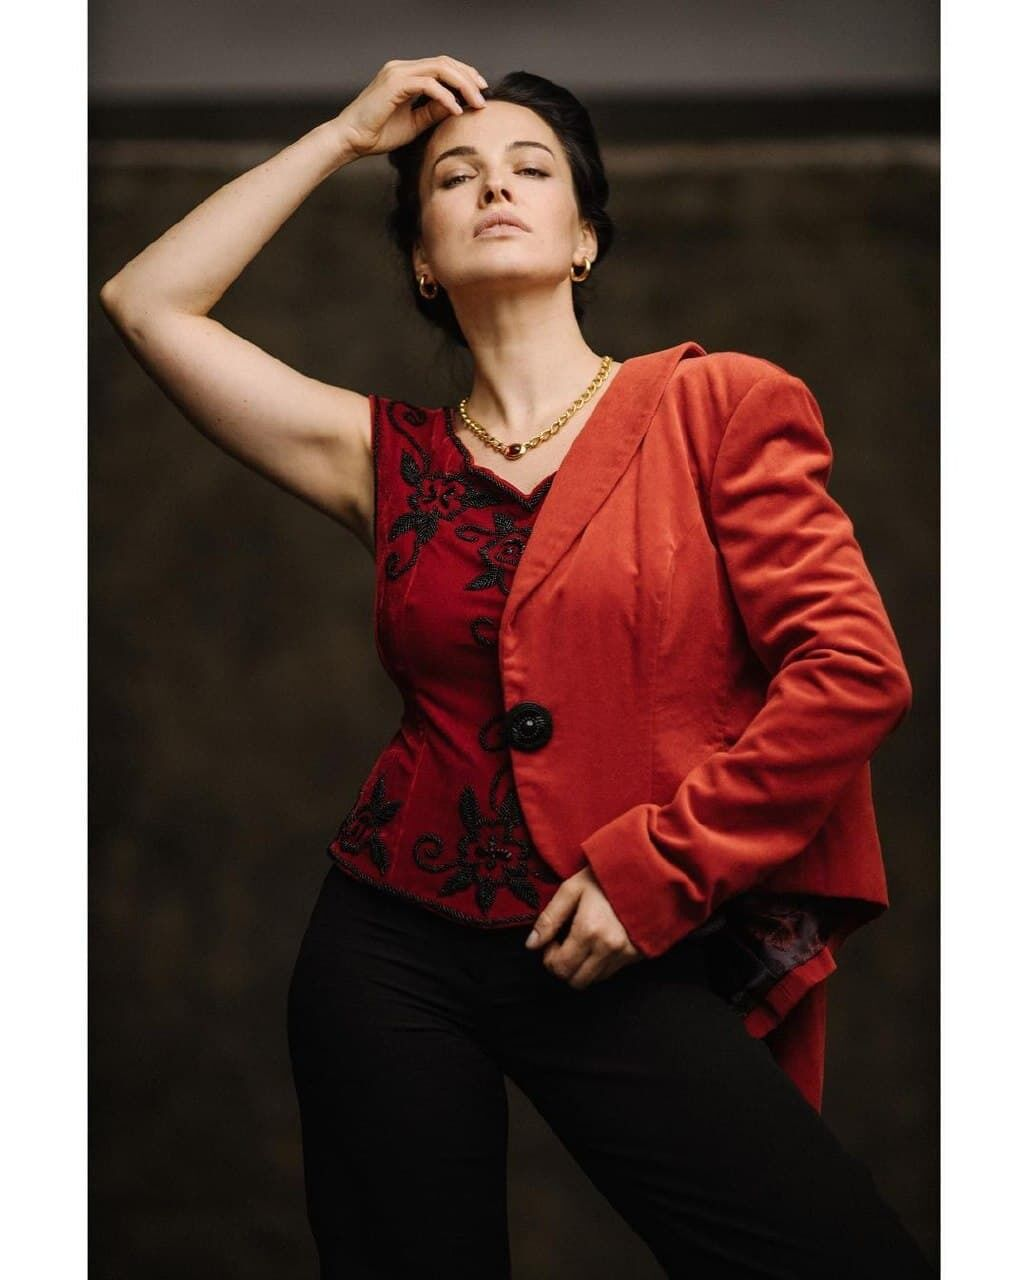 Даша Астафьева снялась в фотосессии